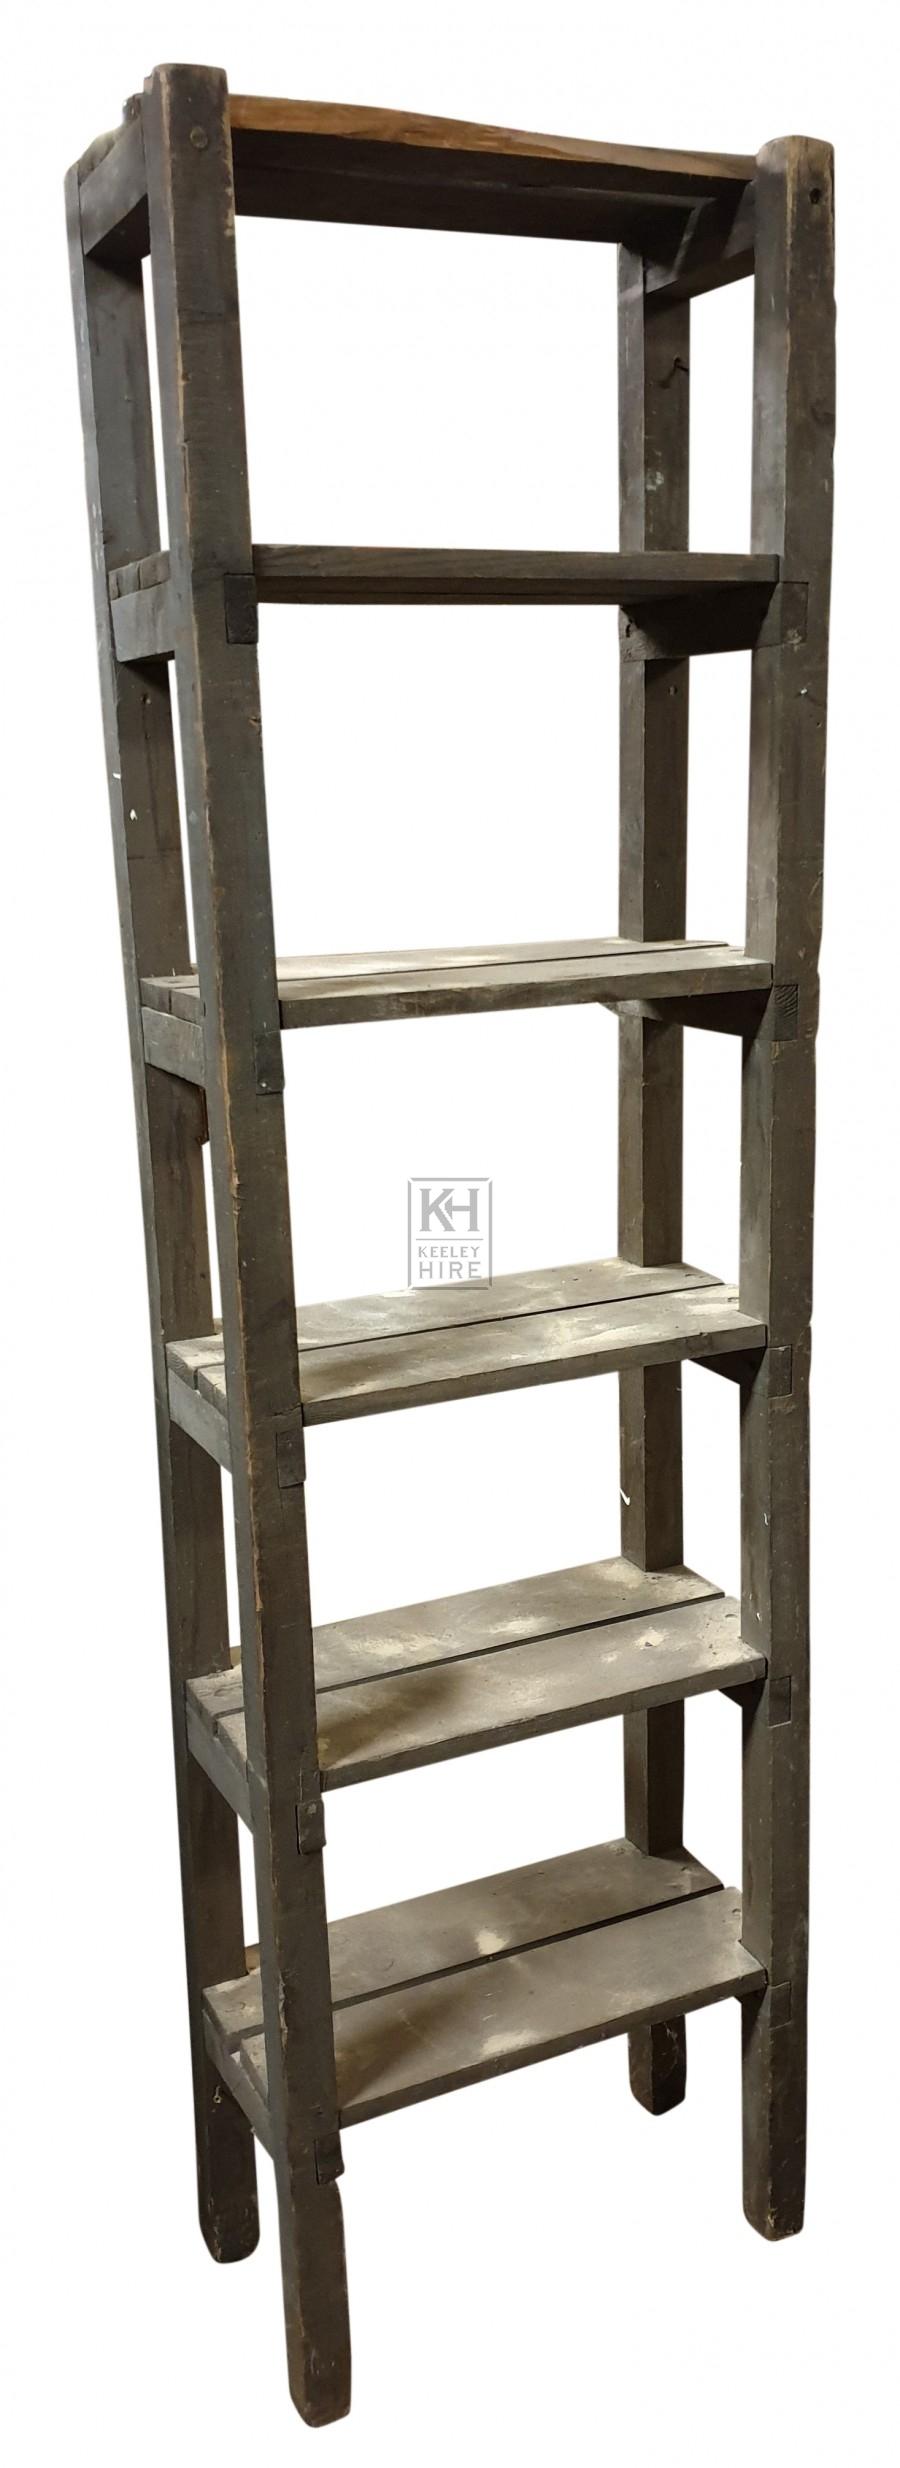 Tall narrow wood shelf unit